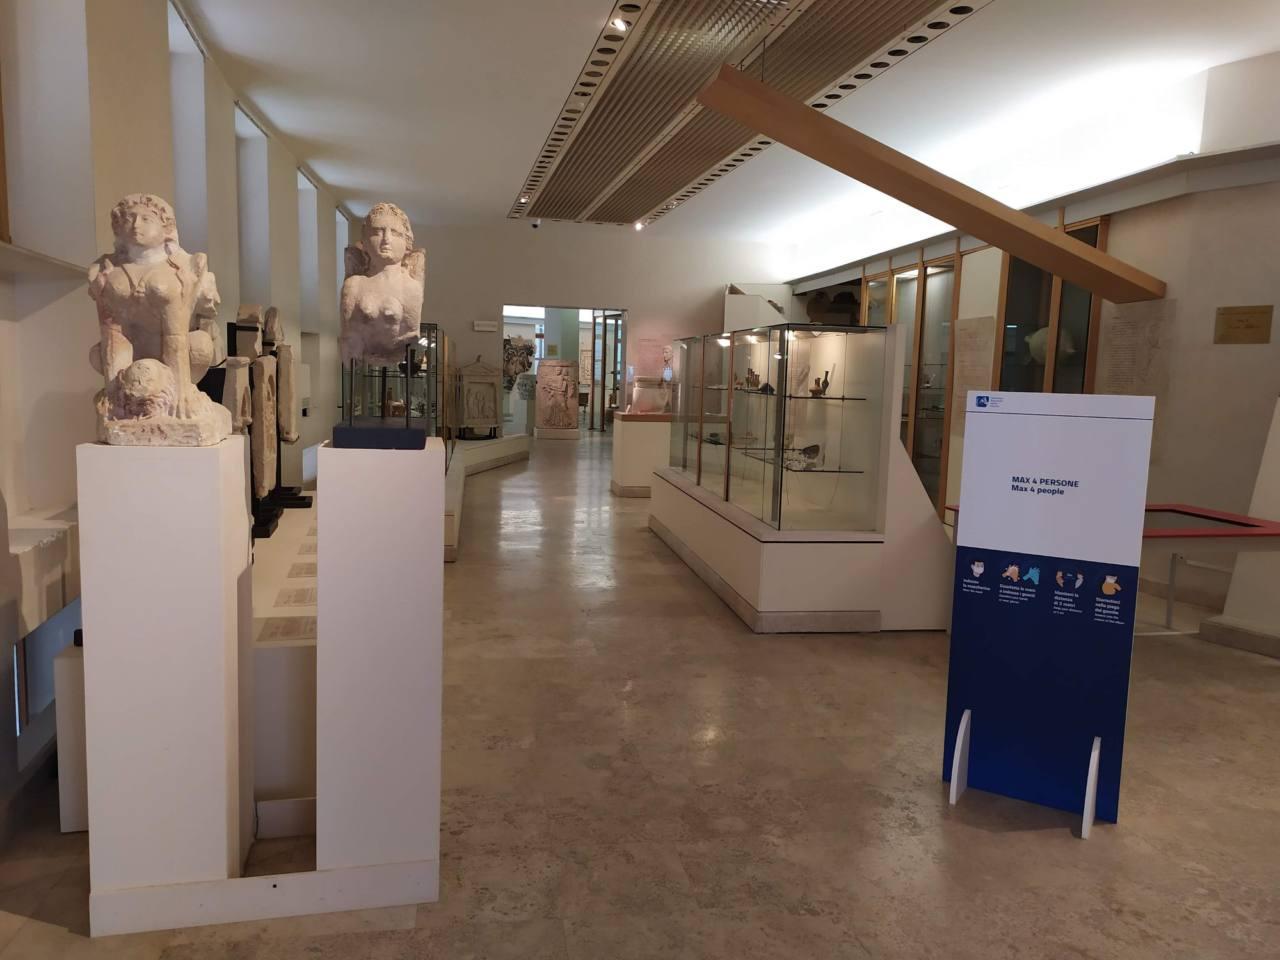 Il Museo archeologico nazionale delle Marche, ad Ancona